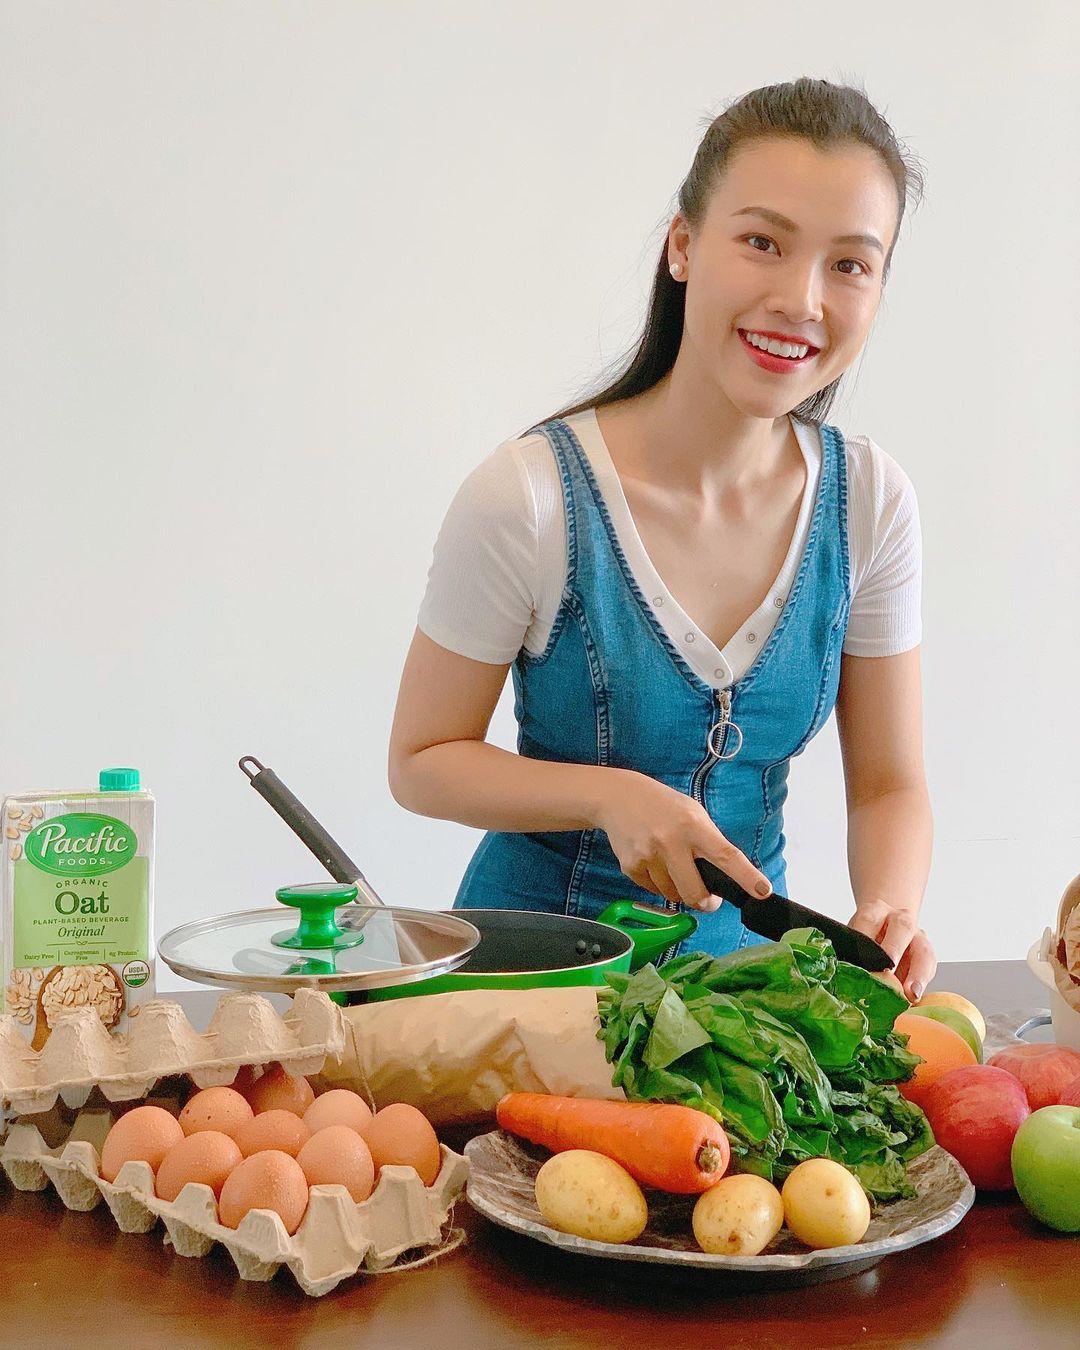 Hoàng Oanh chăm vào bếp hơn kể từ khi làm mẹ.